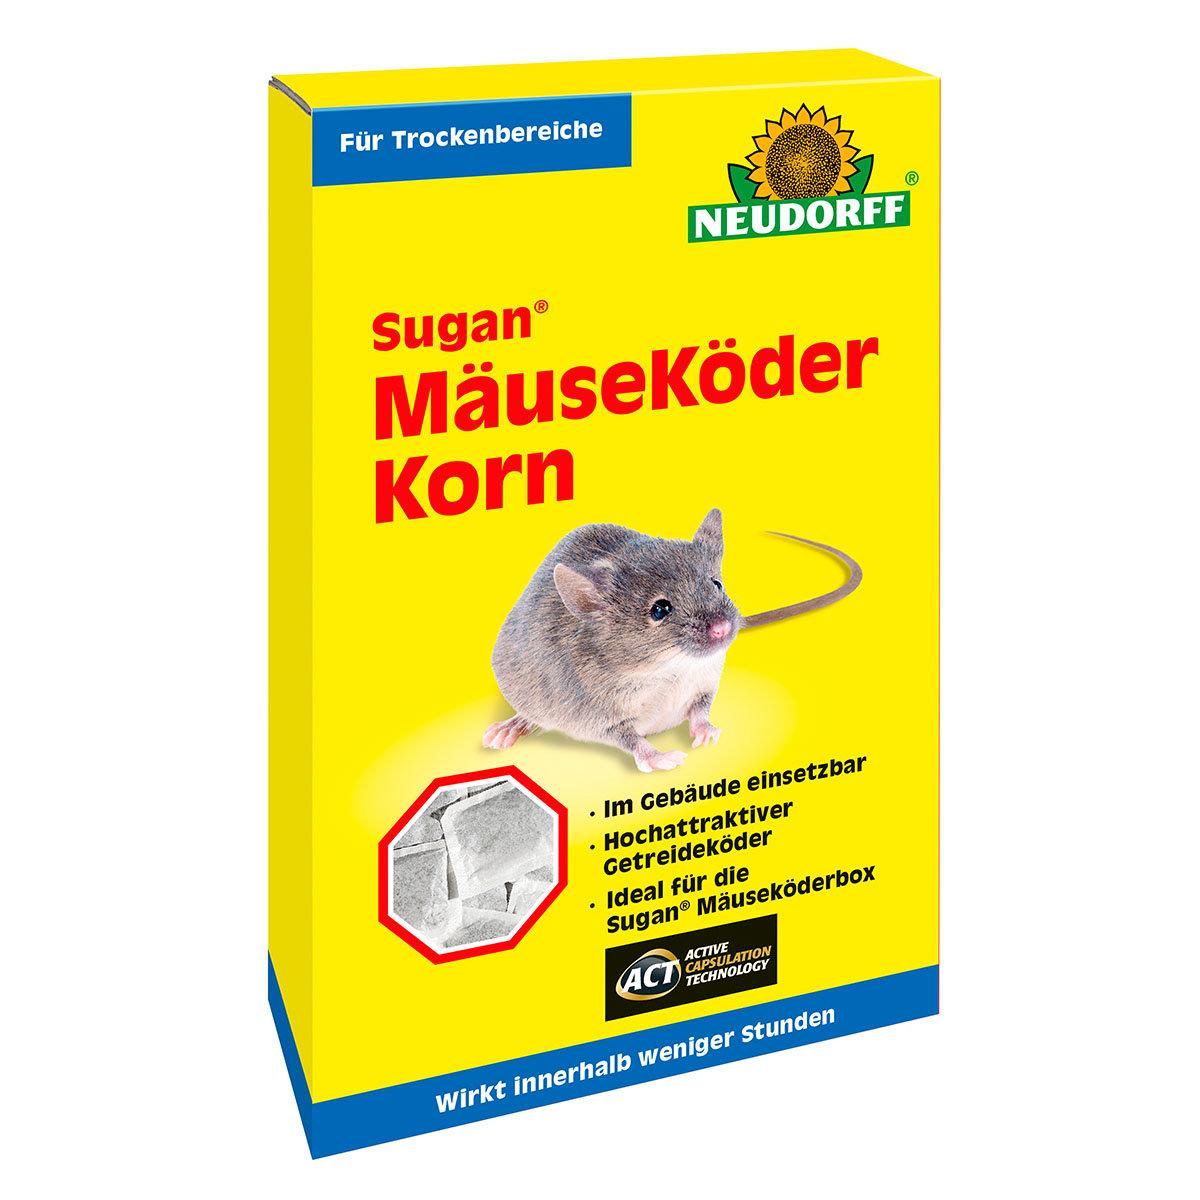 Sugan Mäuseköder, 12 x 120 g